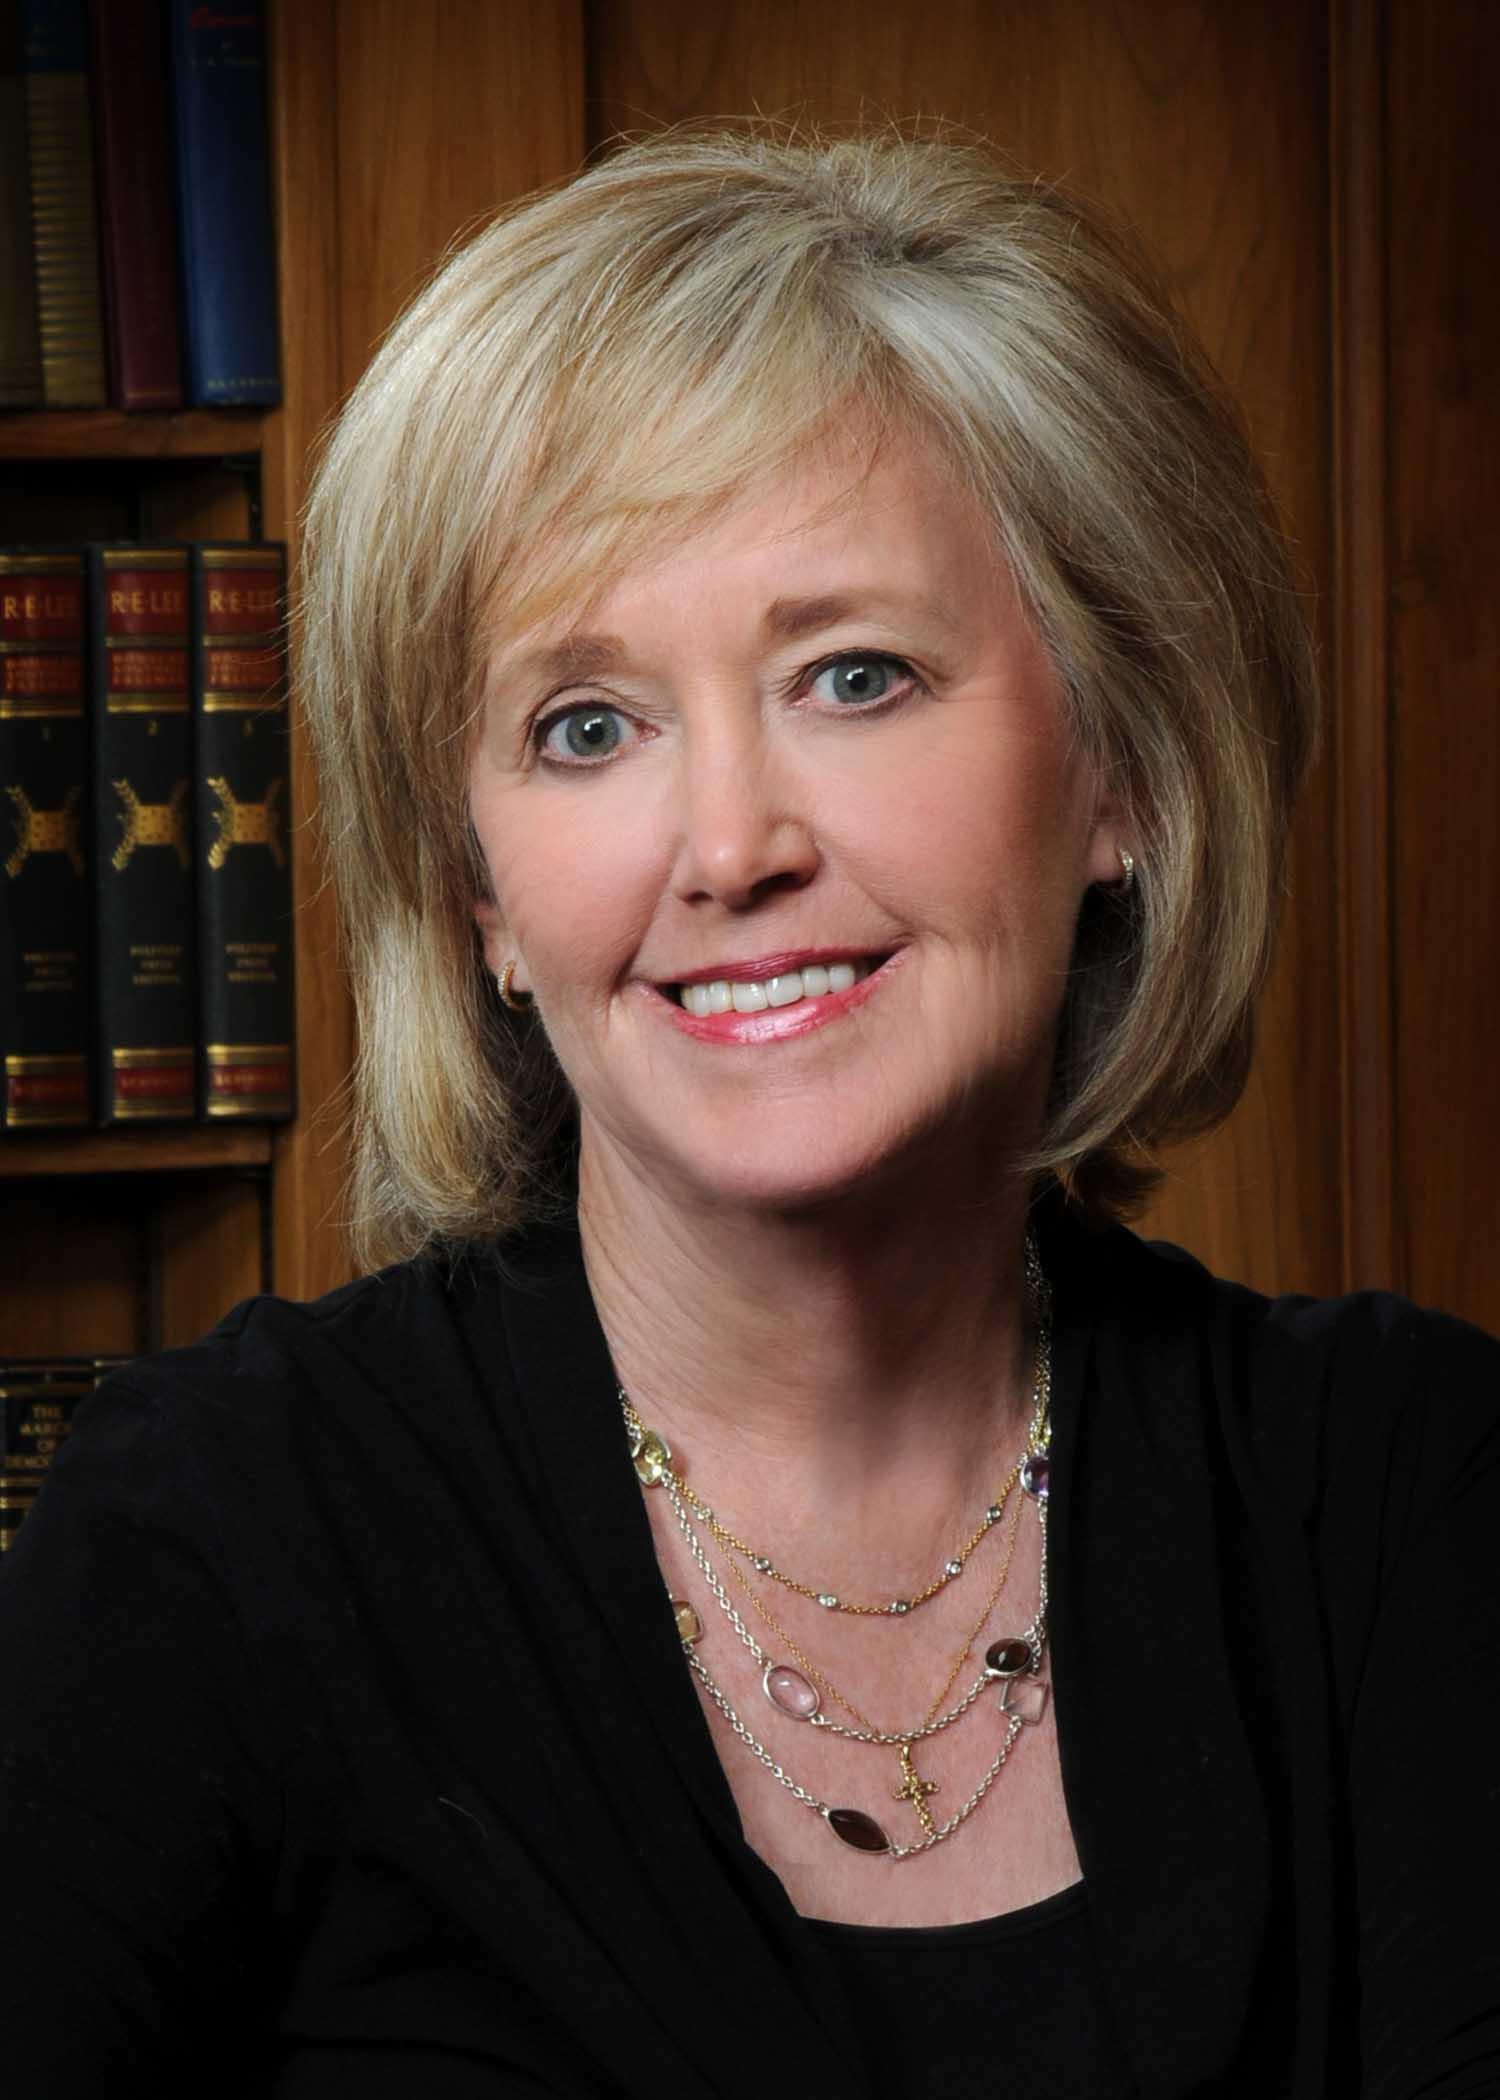 Helen Benton